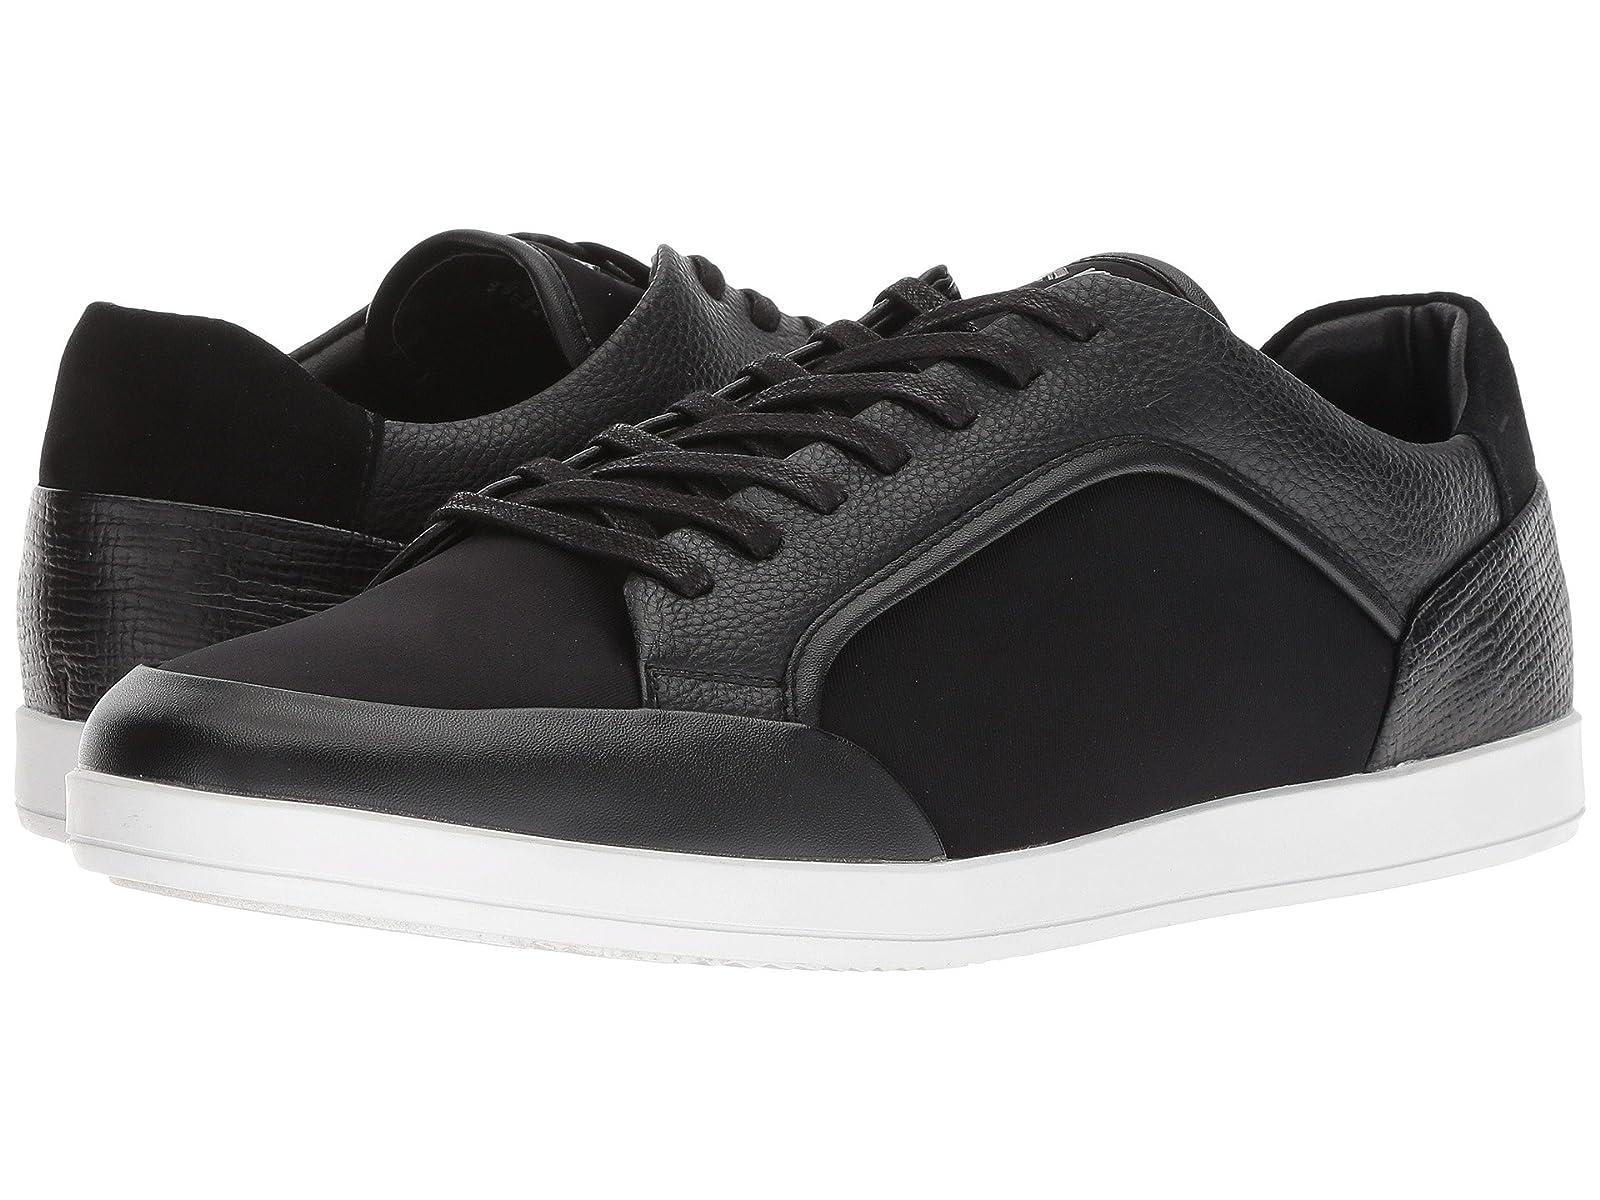 Calvin Klein Maxen 2Cheap and distinctive eye-catching shoes